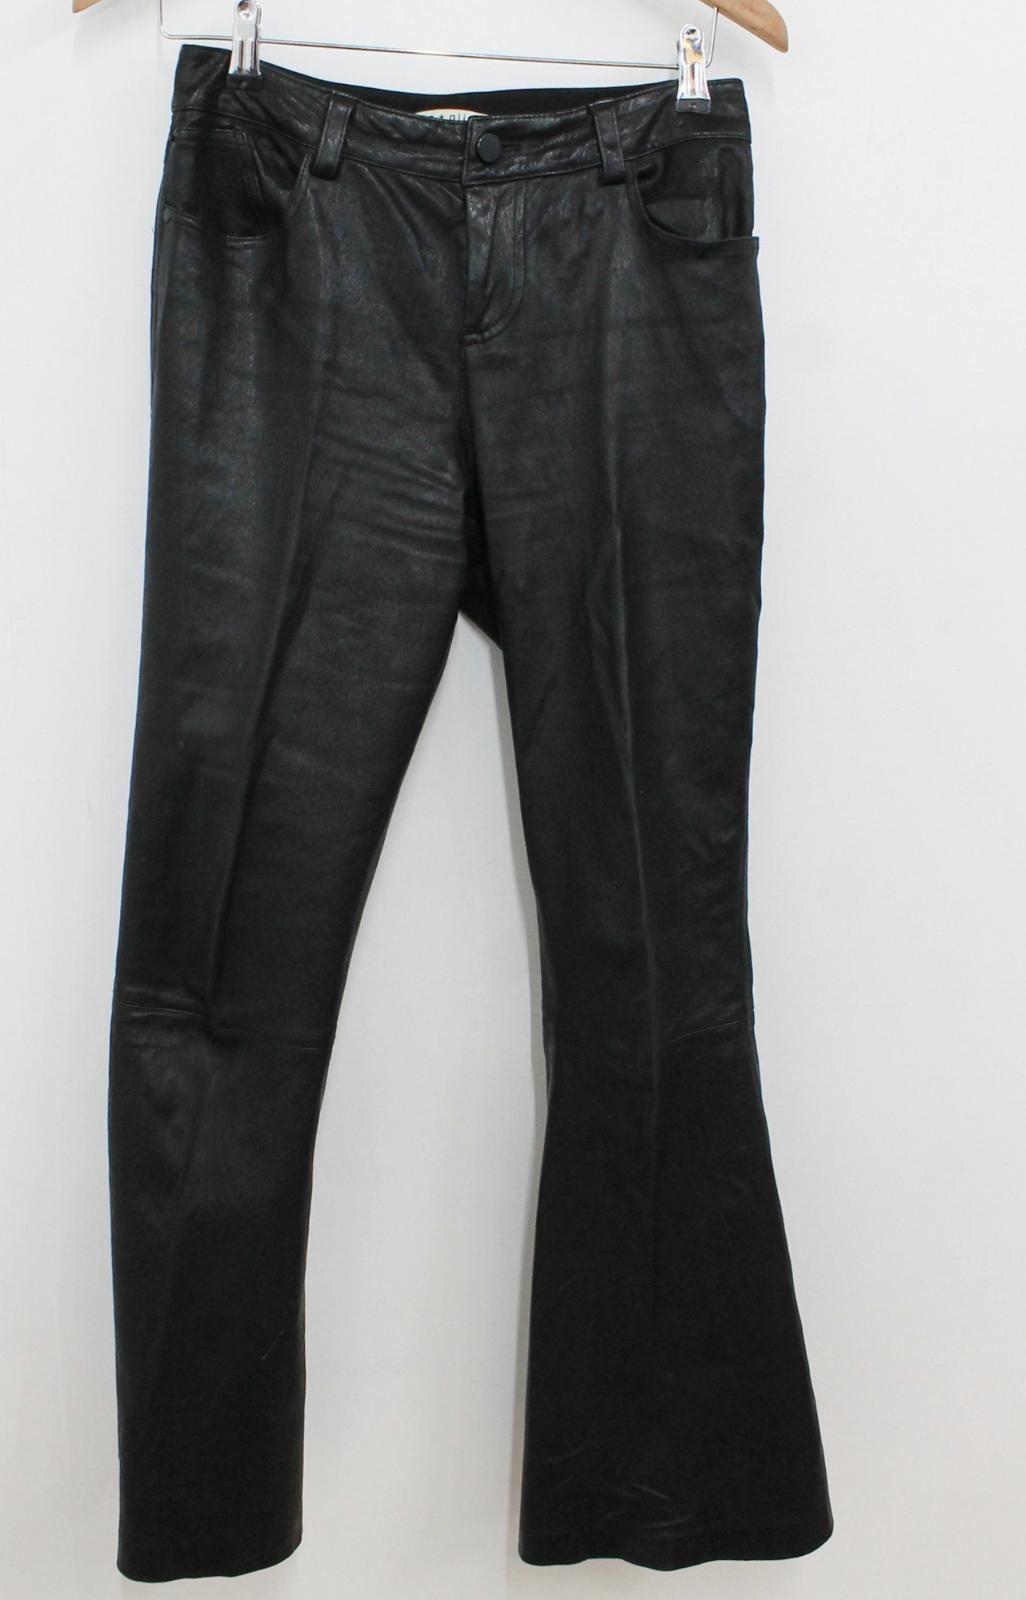 ALICE OLIVIA Donna Nero Pelle di Agnello Vita Alta Svasati Pantaloni W30 L30